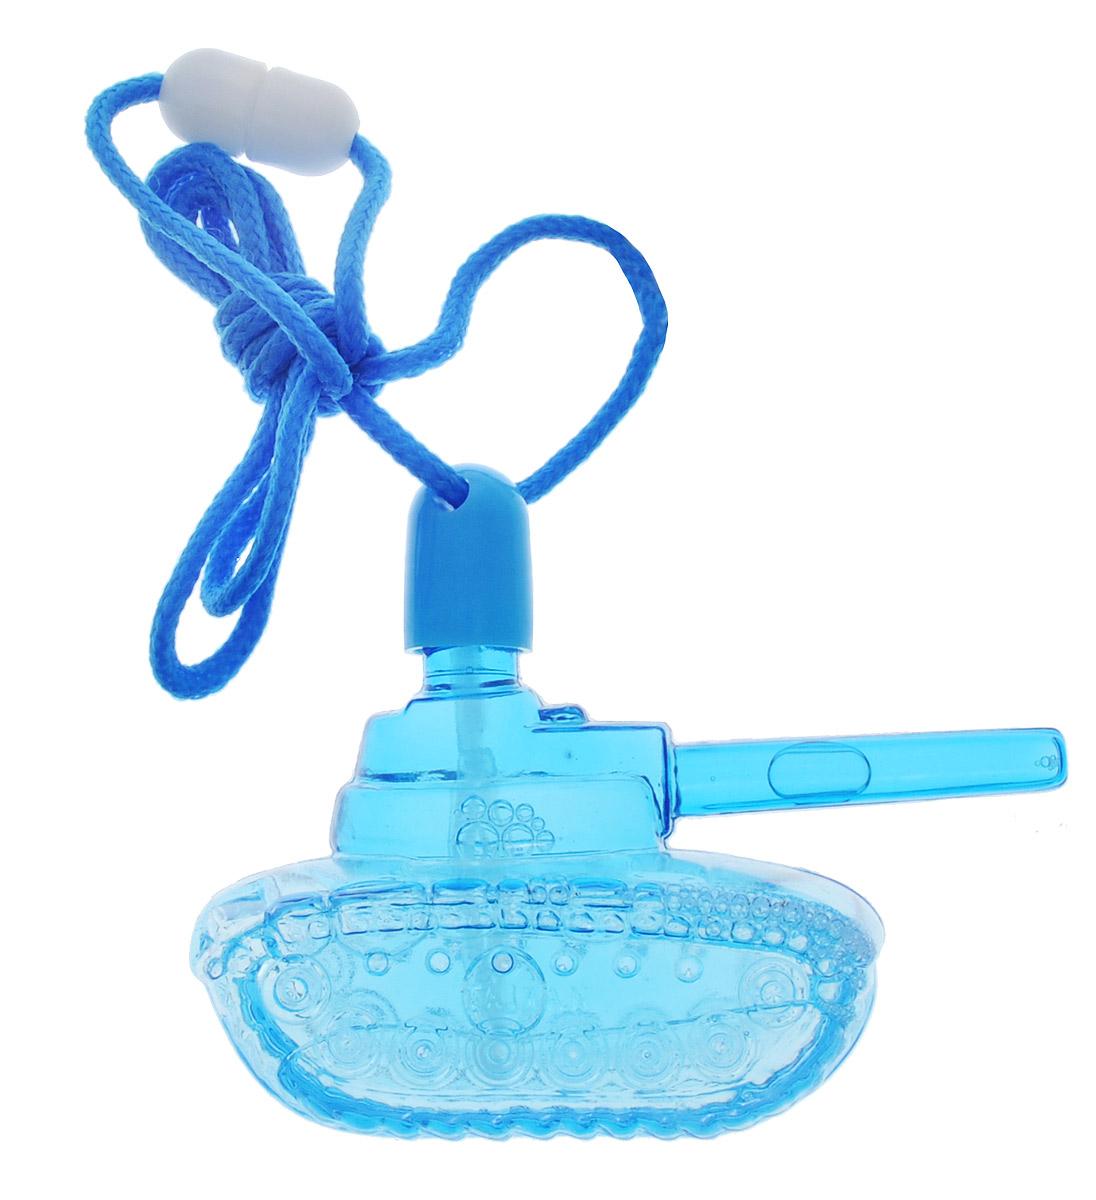 Uncle Bubble Мыльные пузыри Танк цвет голубой игрушка престиж гигантские мыльные пузыри 200мл мп50055